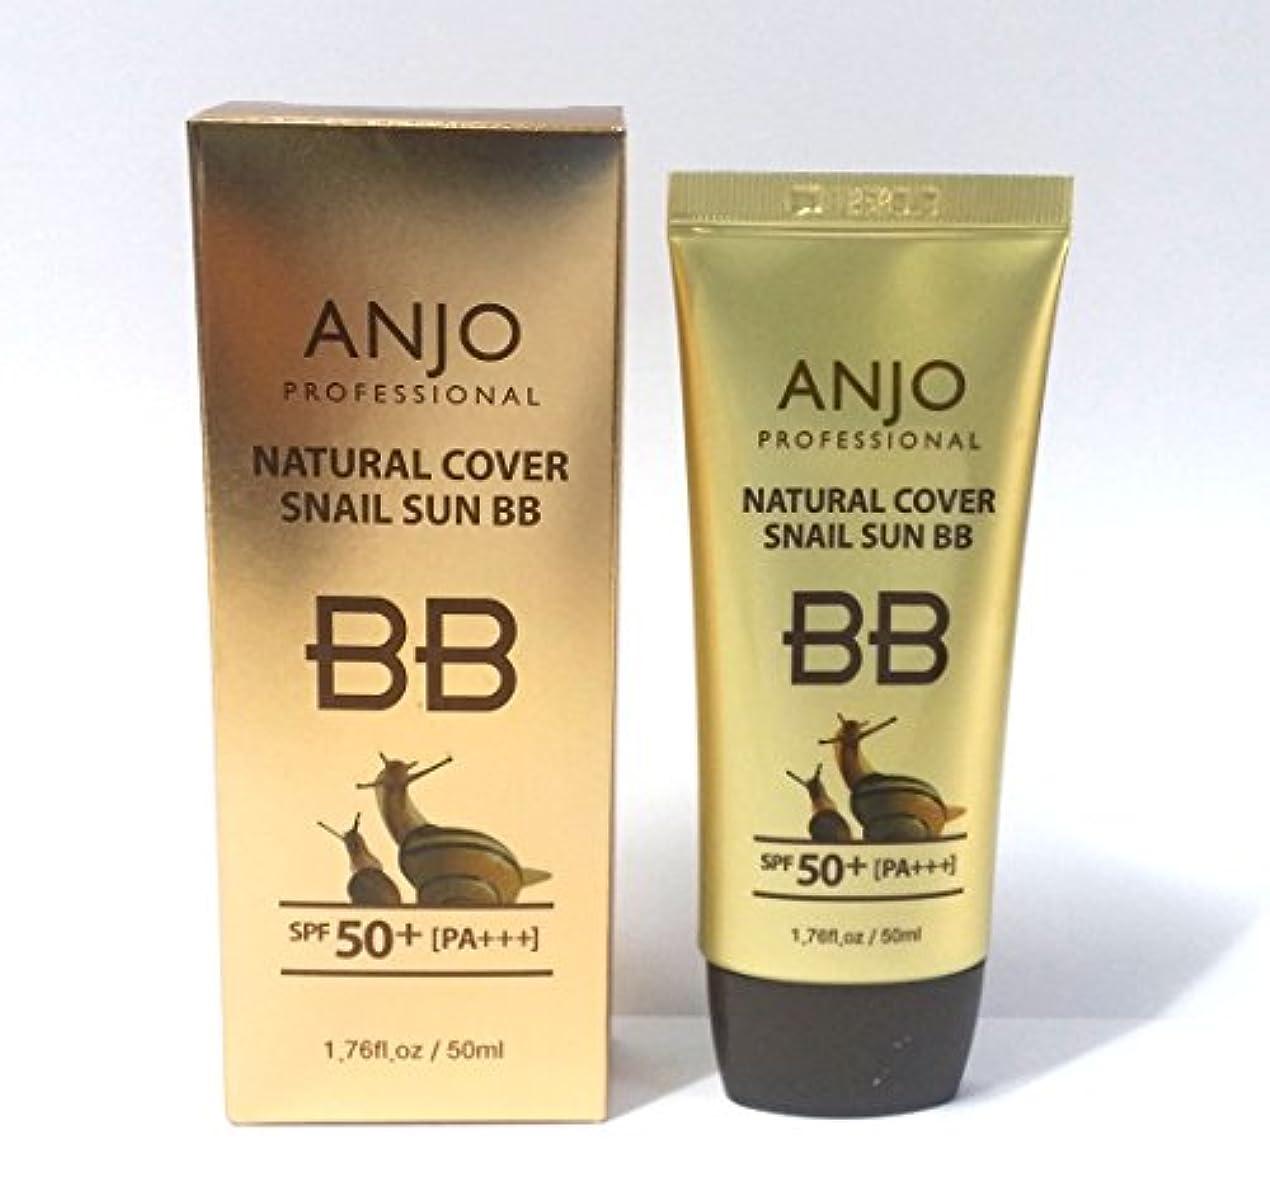 同等の抵抗する弾力性のある[ANJO] ナチュラルカバーカタツムリサンBBクリームSPF 50 + PA +++ 50ml X 1EA /メイクアップベース/カタツムリ粘液 / Natural Cover Snail Sun BB Cream SPF...